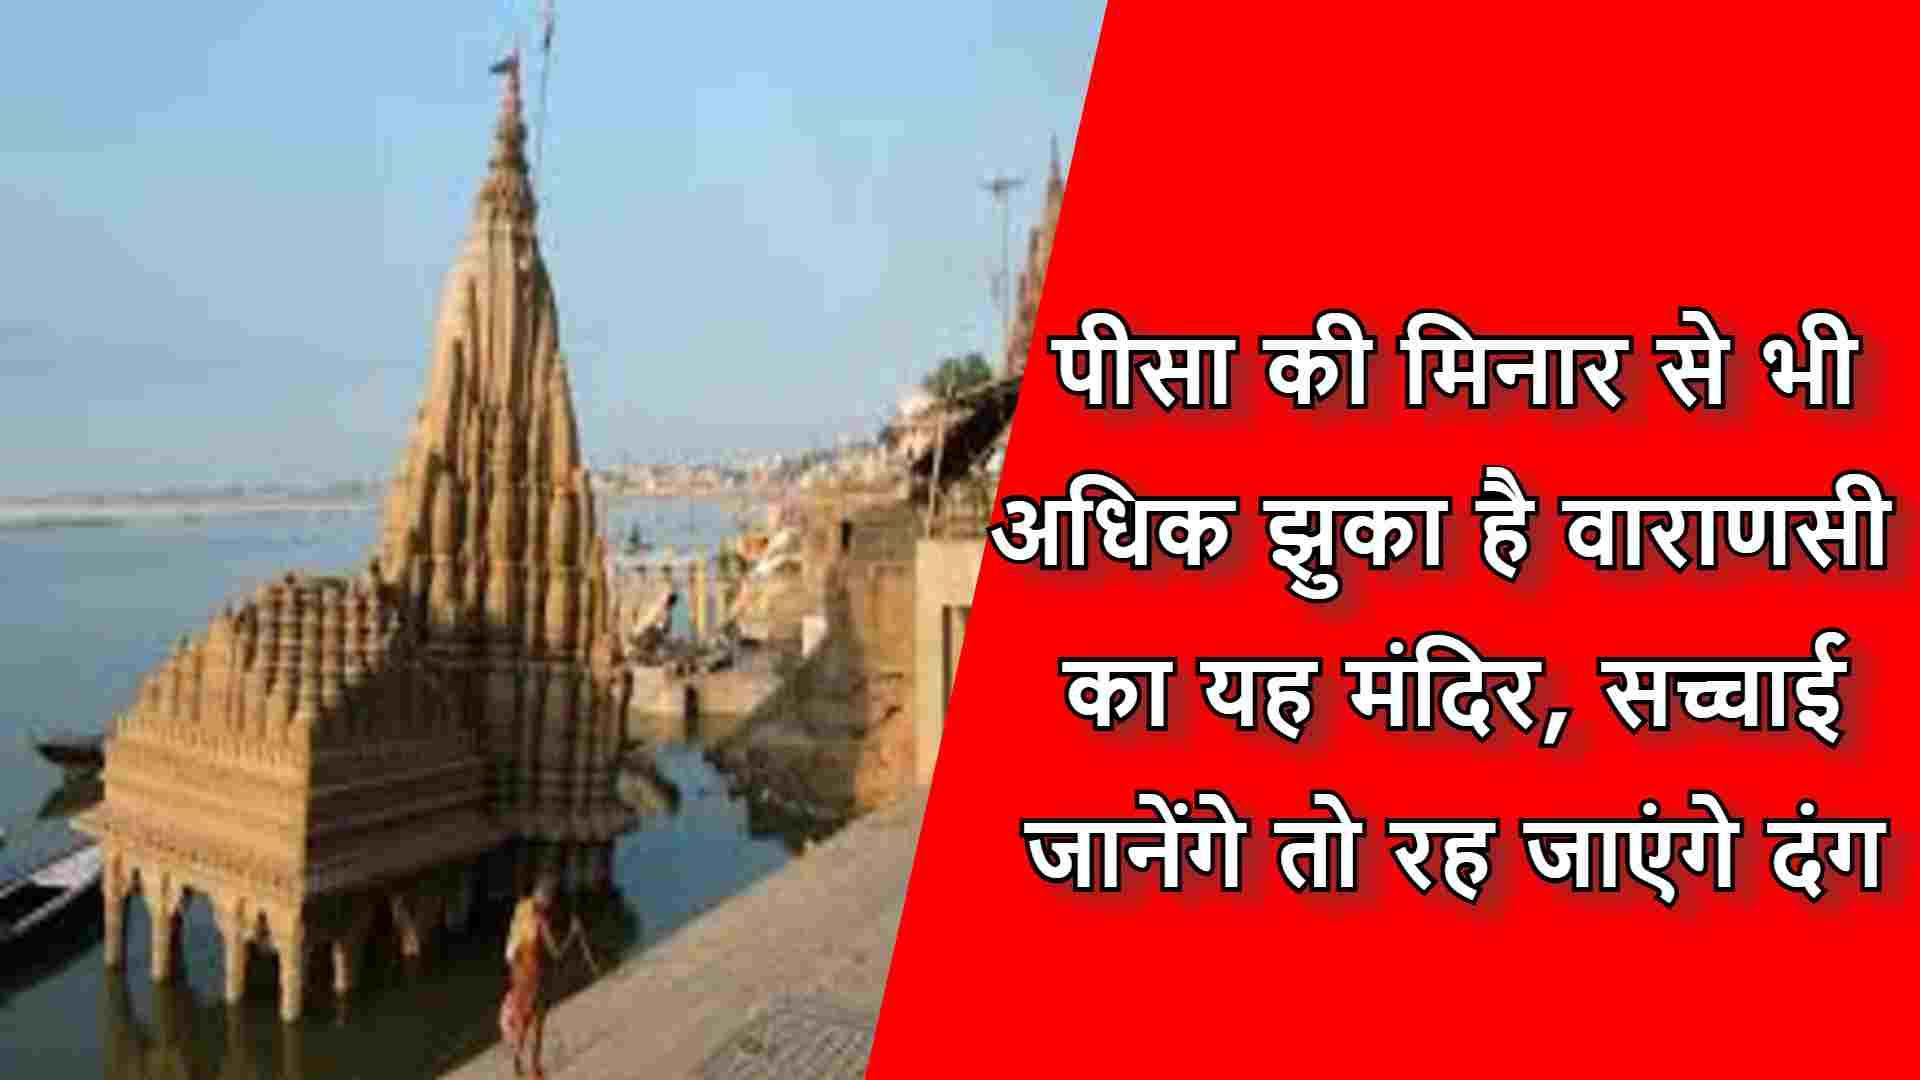 Ratneshwar Mahadev , पीसा की मिनार से भी अधिक झुका है वाराणसी Varansi का यह मंदिर, सच्चाई जानेंगे तो रह जाएंगे दंग